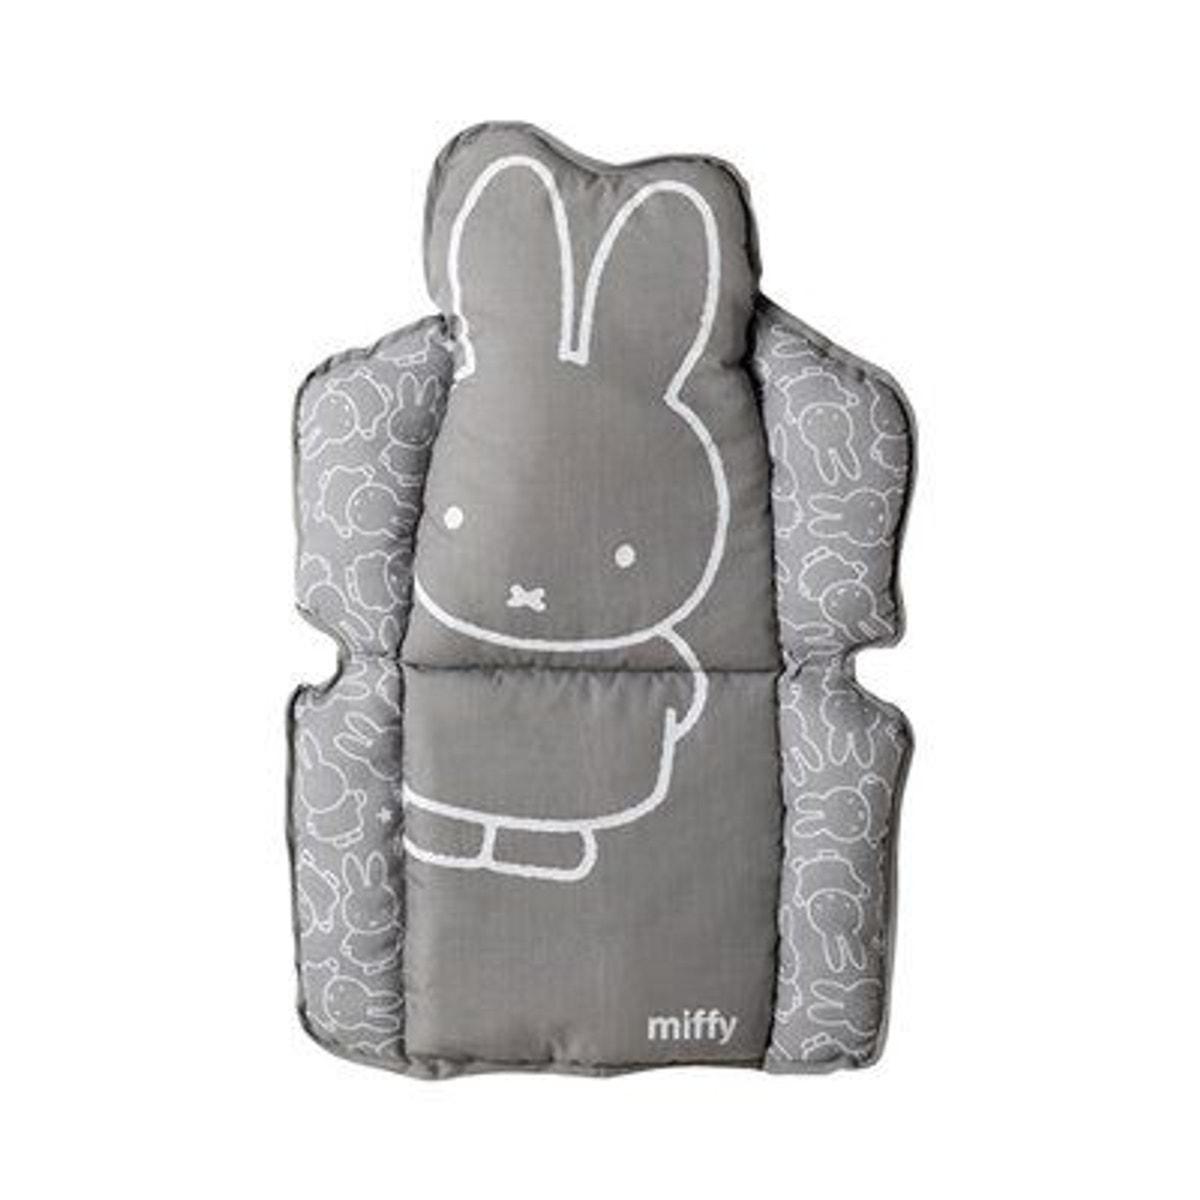 Roba Reducteur D Assise Miffy Accessoires Chaise Haute Chaises